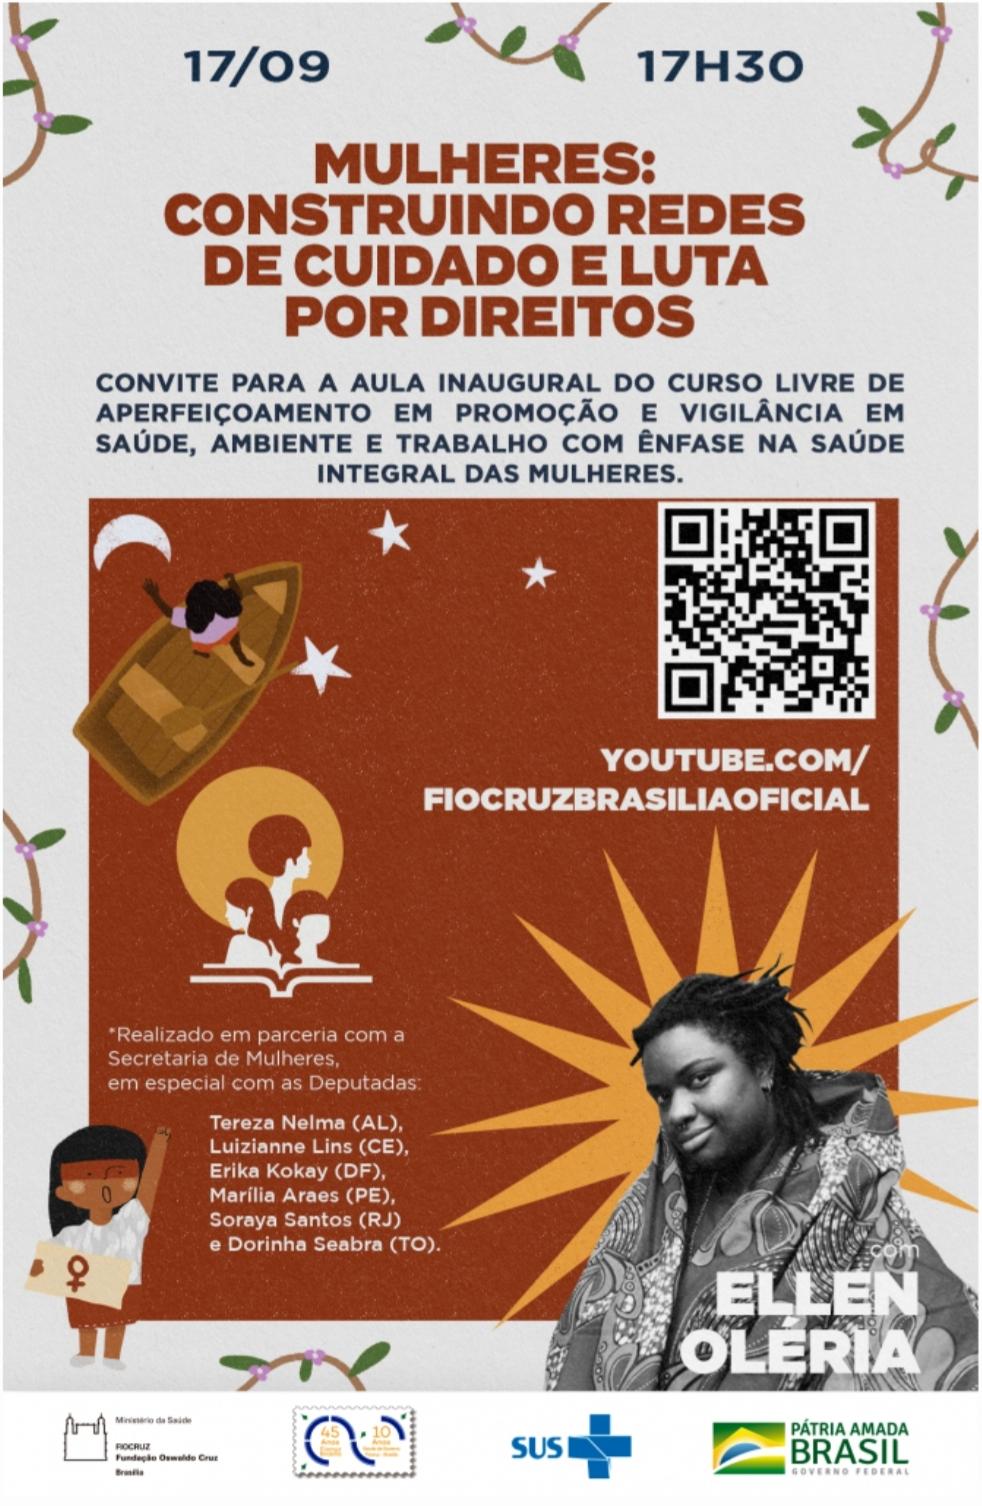 Curso online sobre a saúde integral das mulheres realizará aula inaugural - inscrições seguem abertas até 17/9